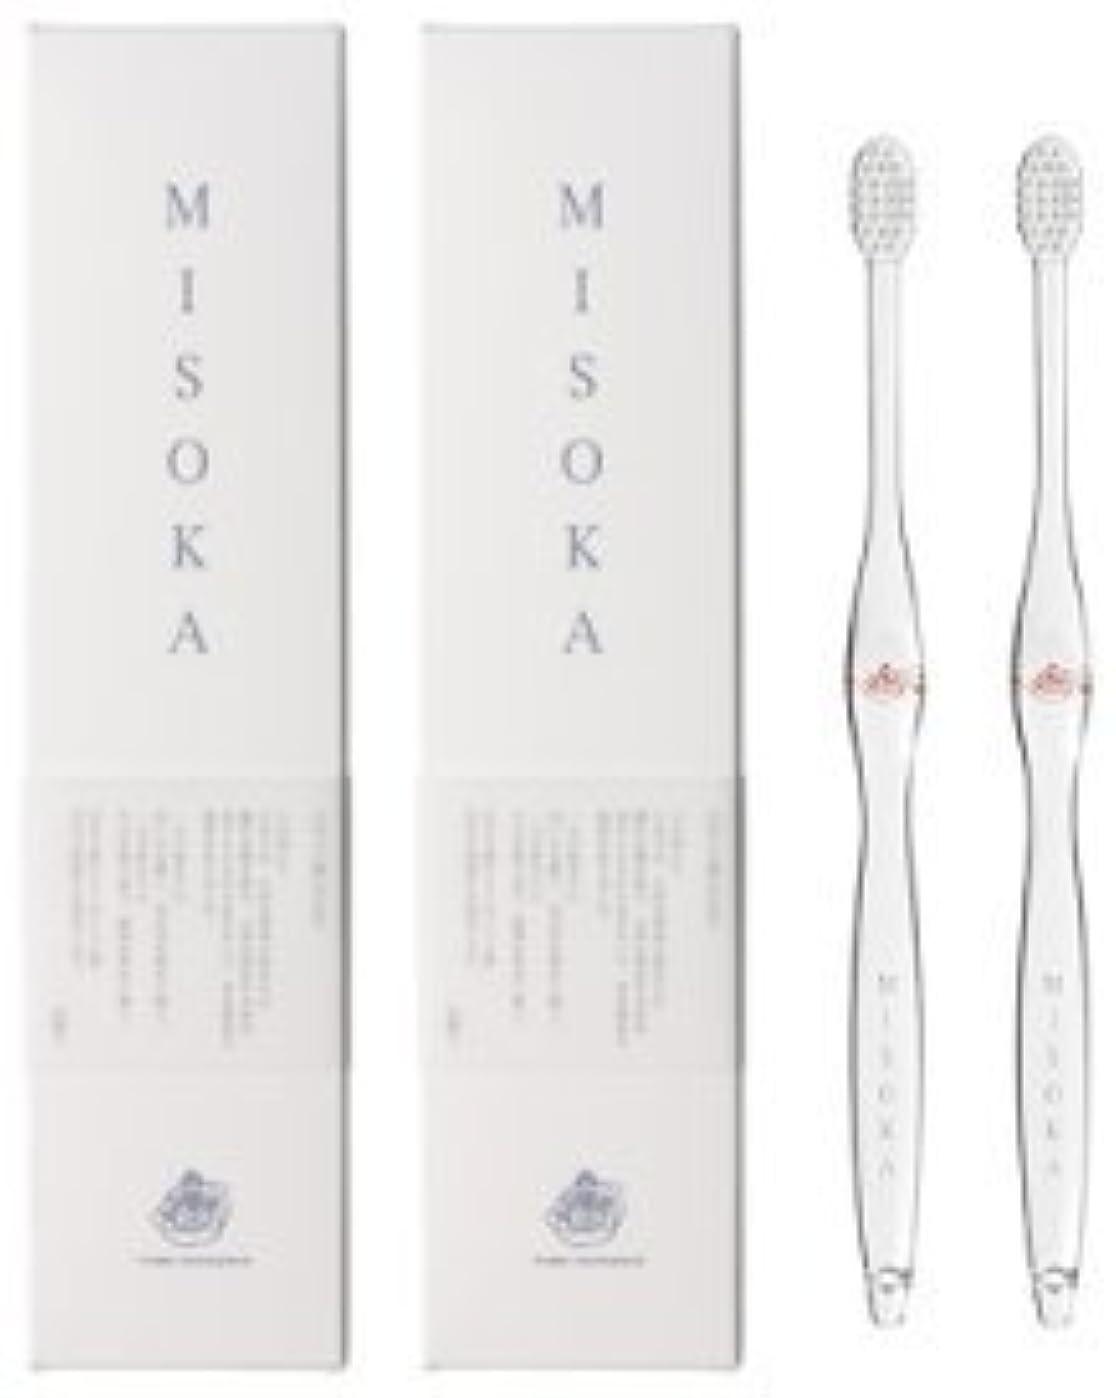 古風な吹雪ゴシップMISOKA(ミソカ) 歯ブラシ 朱色 2本セット